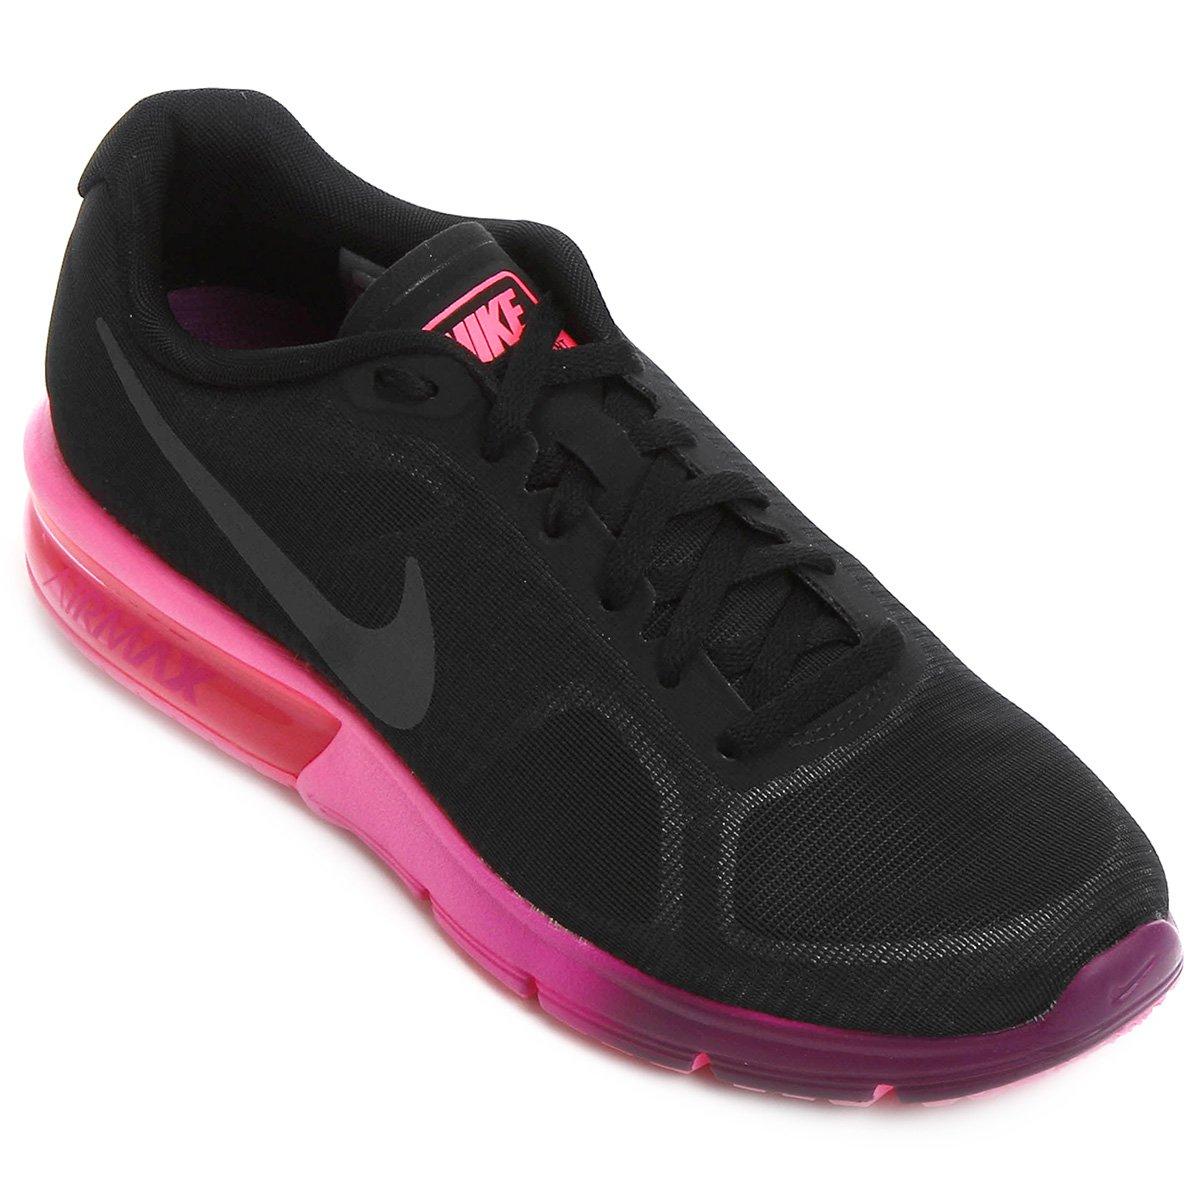 96ff07f92b Tênis Nike Air Max Sequent Feminino - Compre Agora